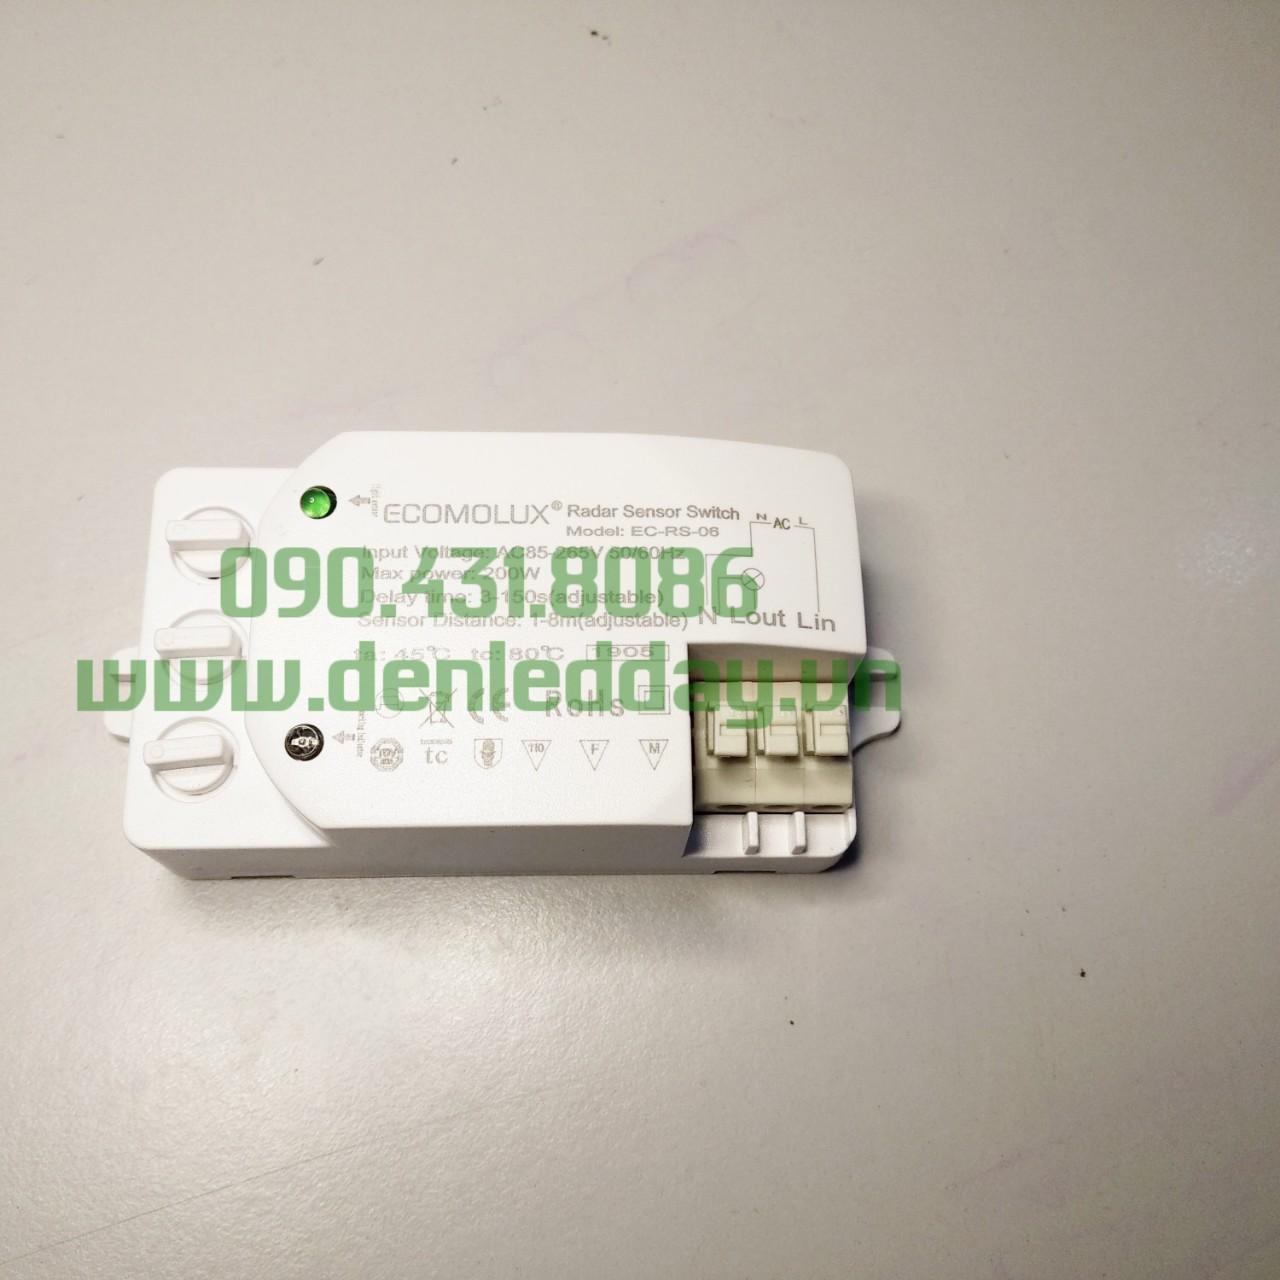 Công tắc cảm biến chuyển động tự động bật / tắt đèn và thiết bị điện công suất Max 200W